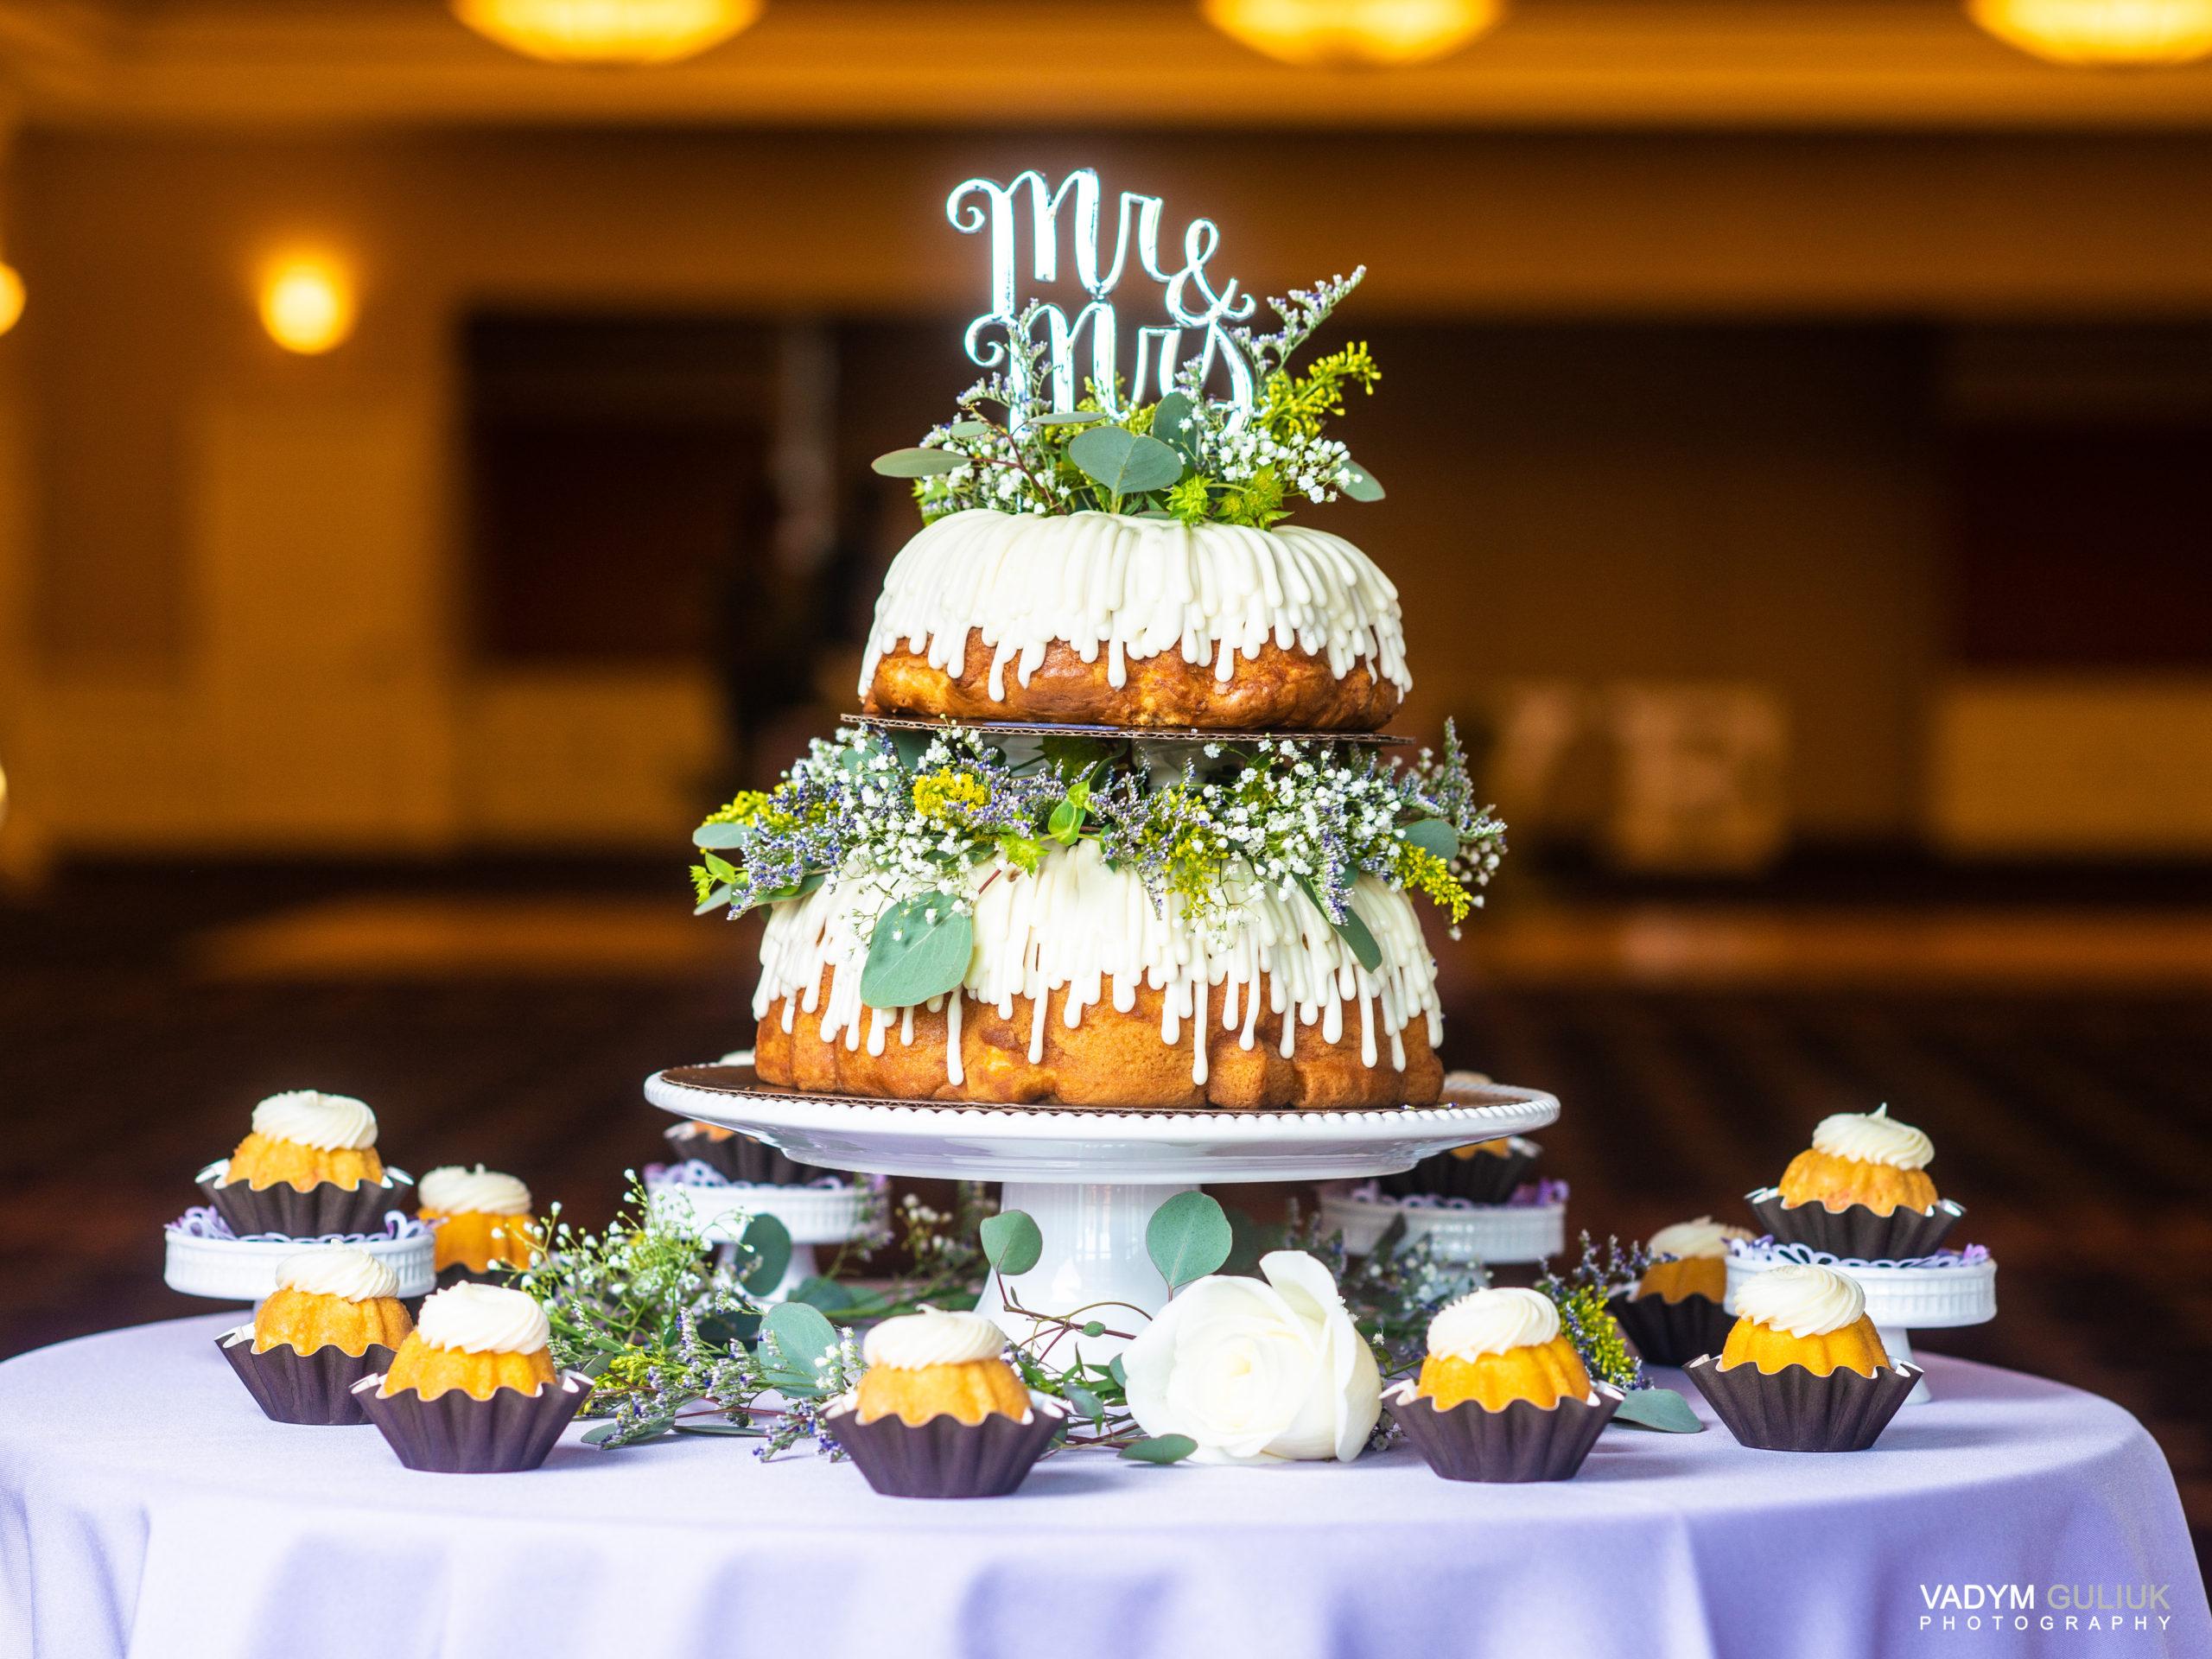 Bundt Cake & Mini Bundt Cakes